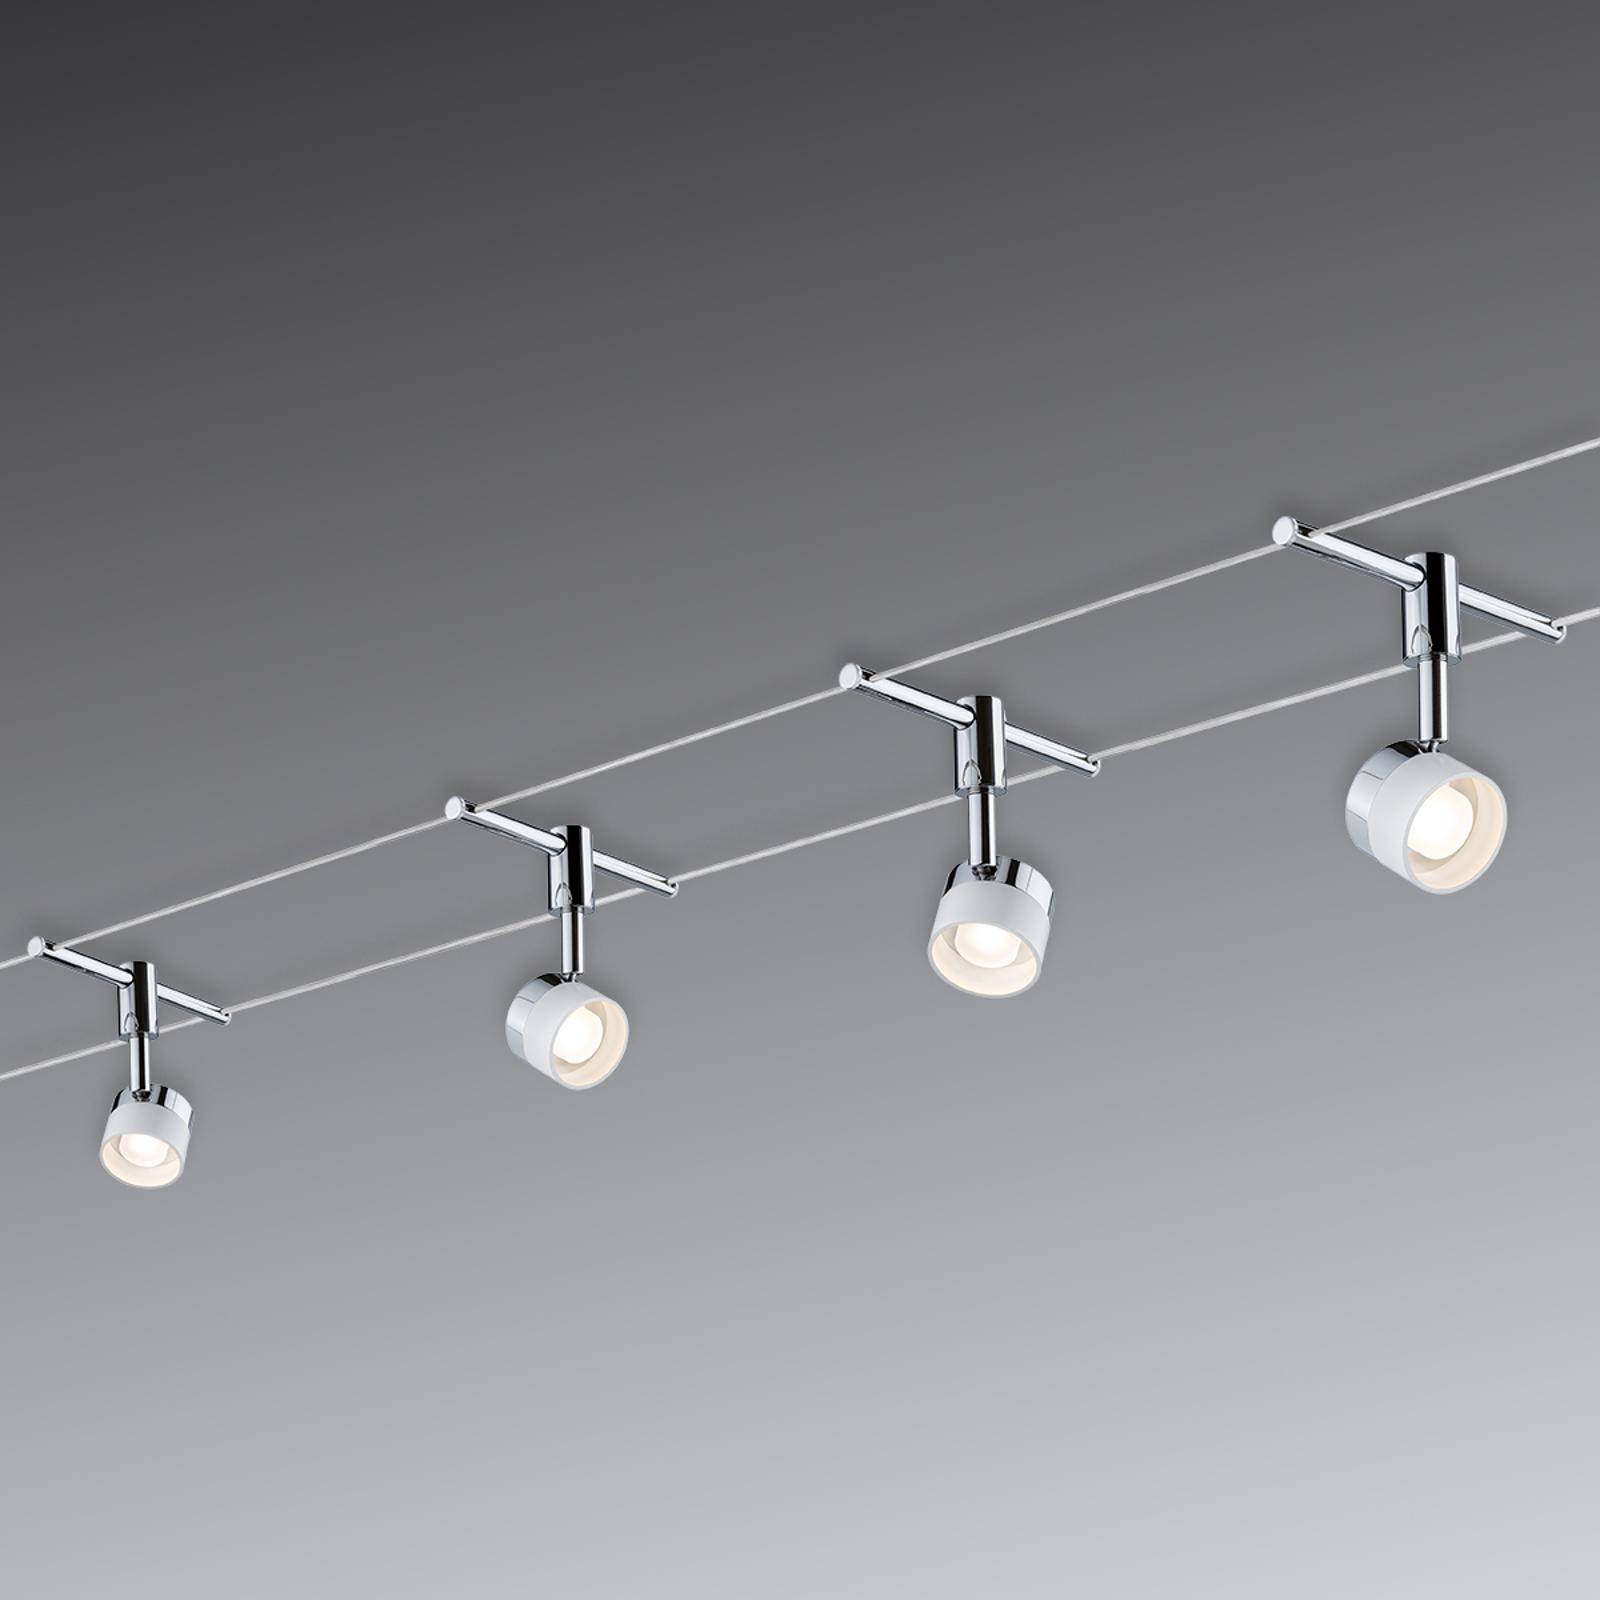 Met 4 ronde lampen - LED kabelsysteem Stage